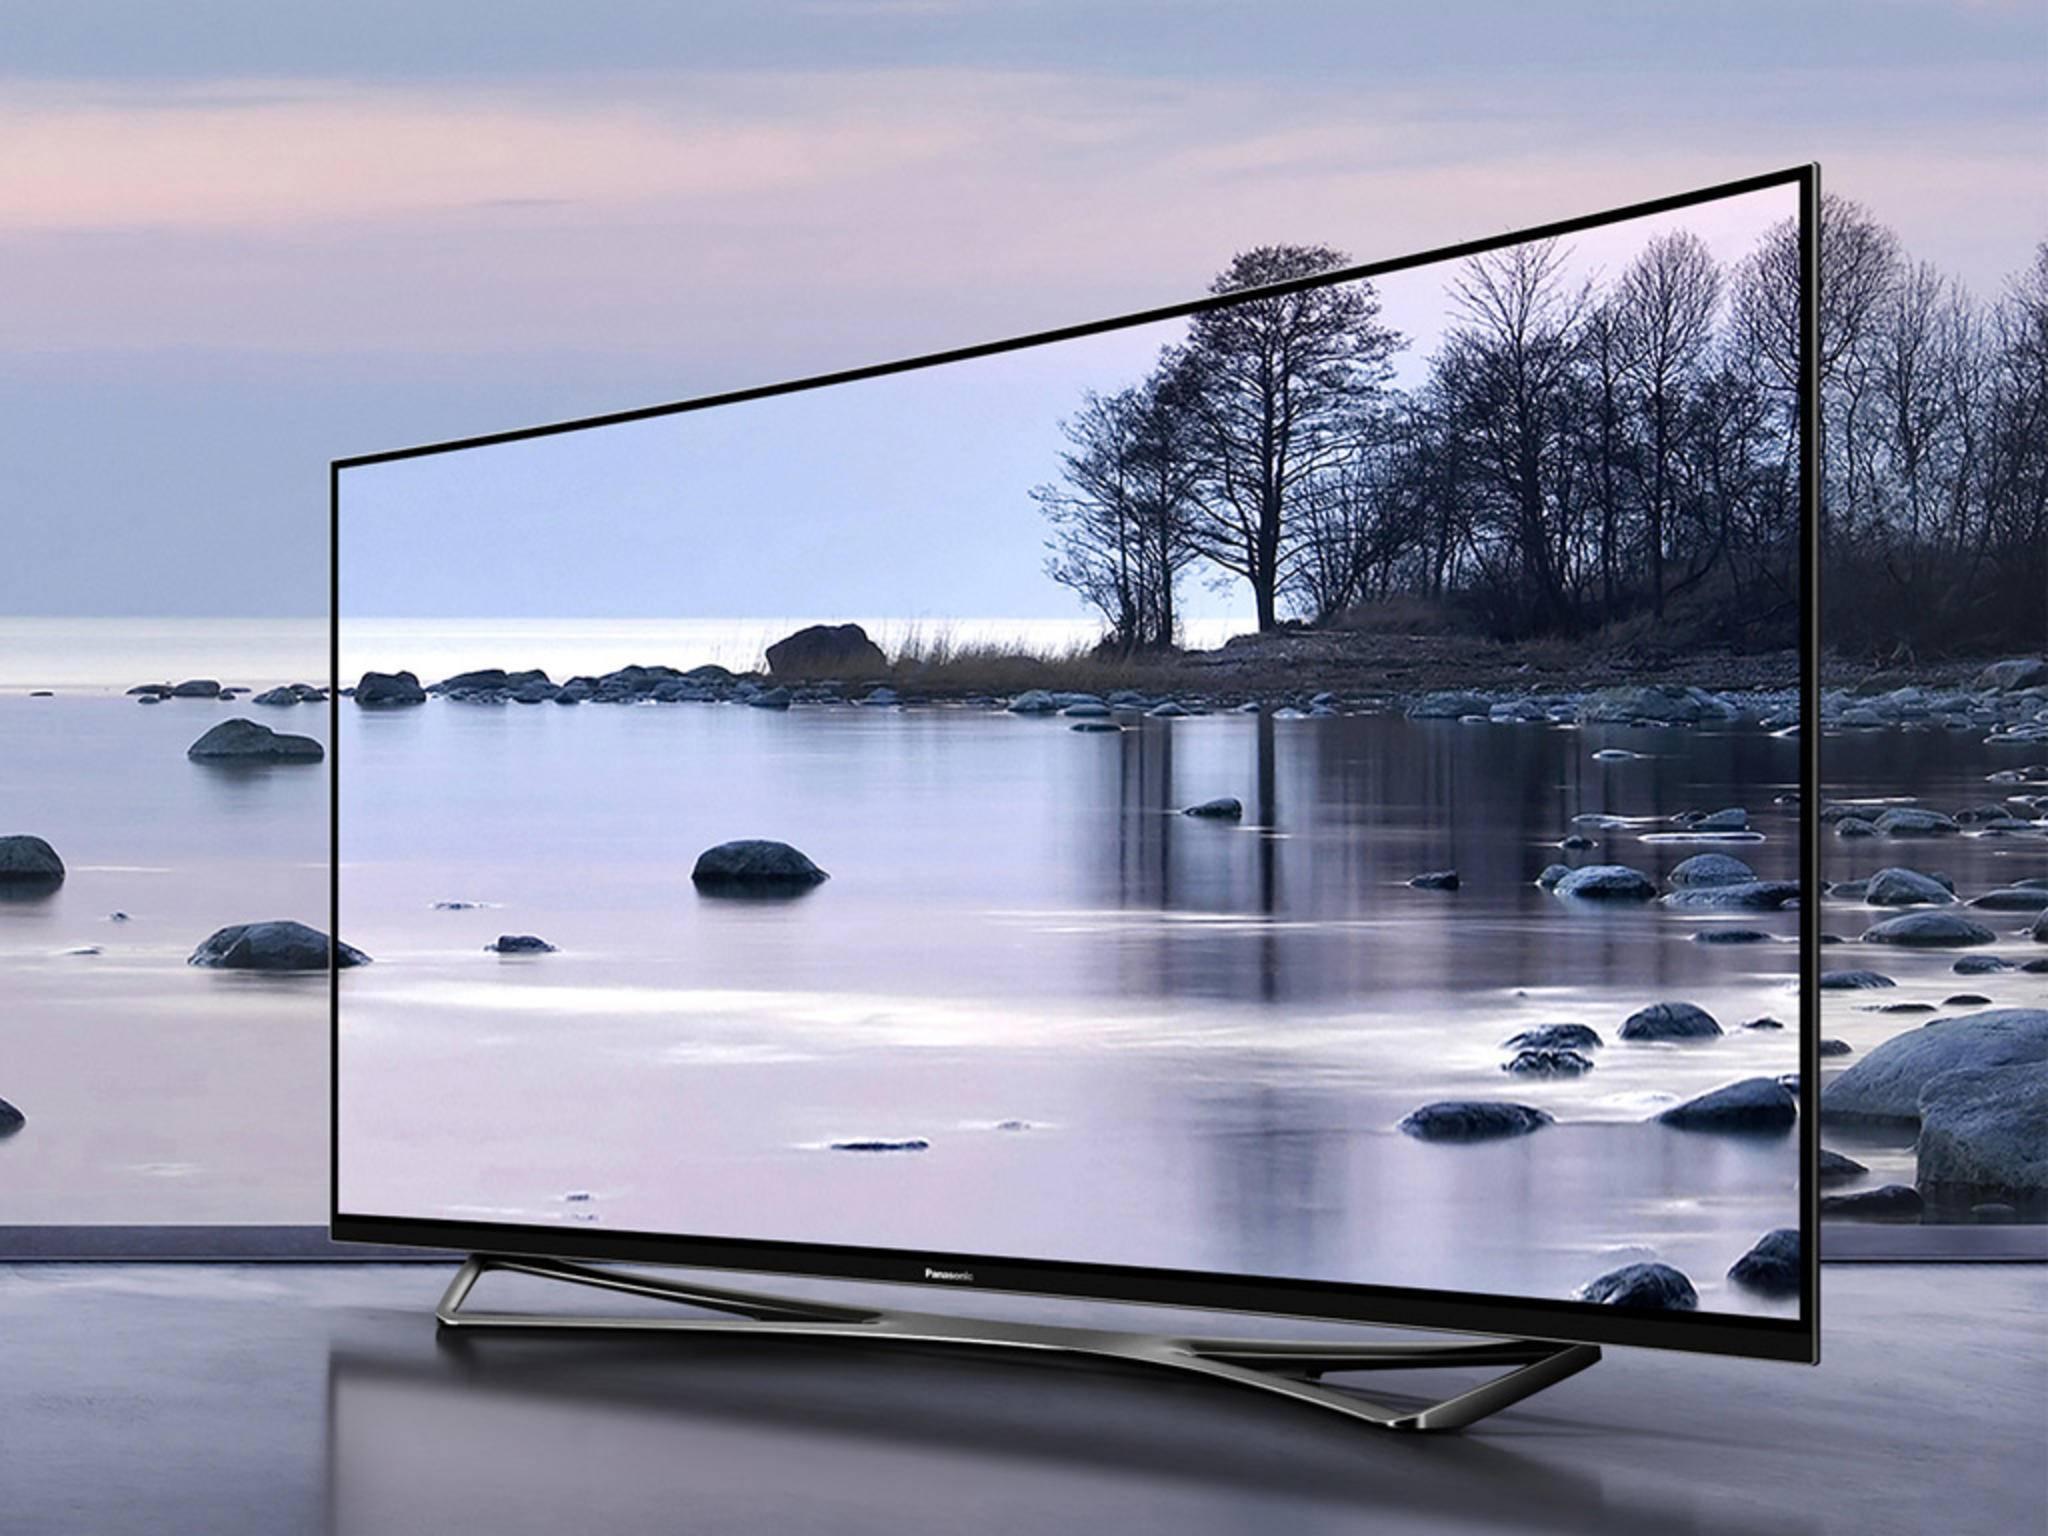 Nahezu alle aktuellen 4K-TVs sind bereits mit HDMI 2.0 und HDCP 2.2 ausgestattet.